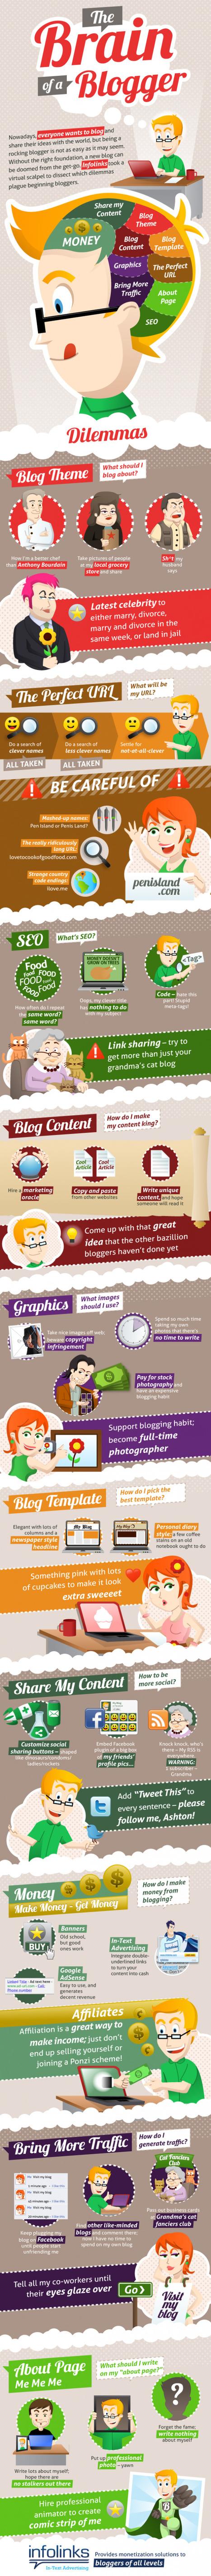 Los retos y preocupaciones de un Blogger | Estrategias de marketing | Scoop.it